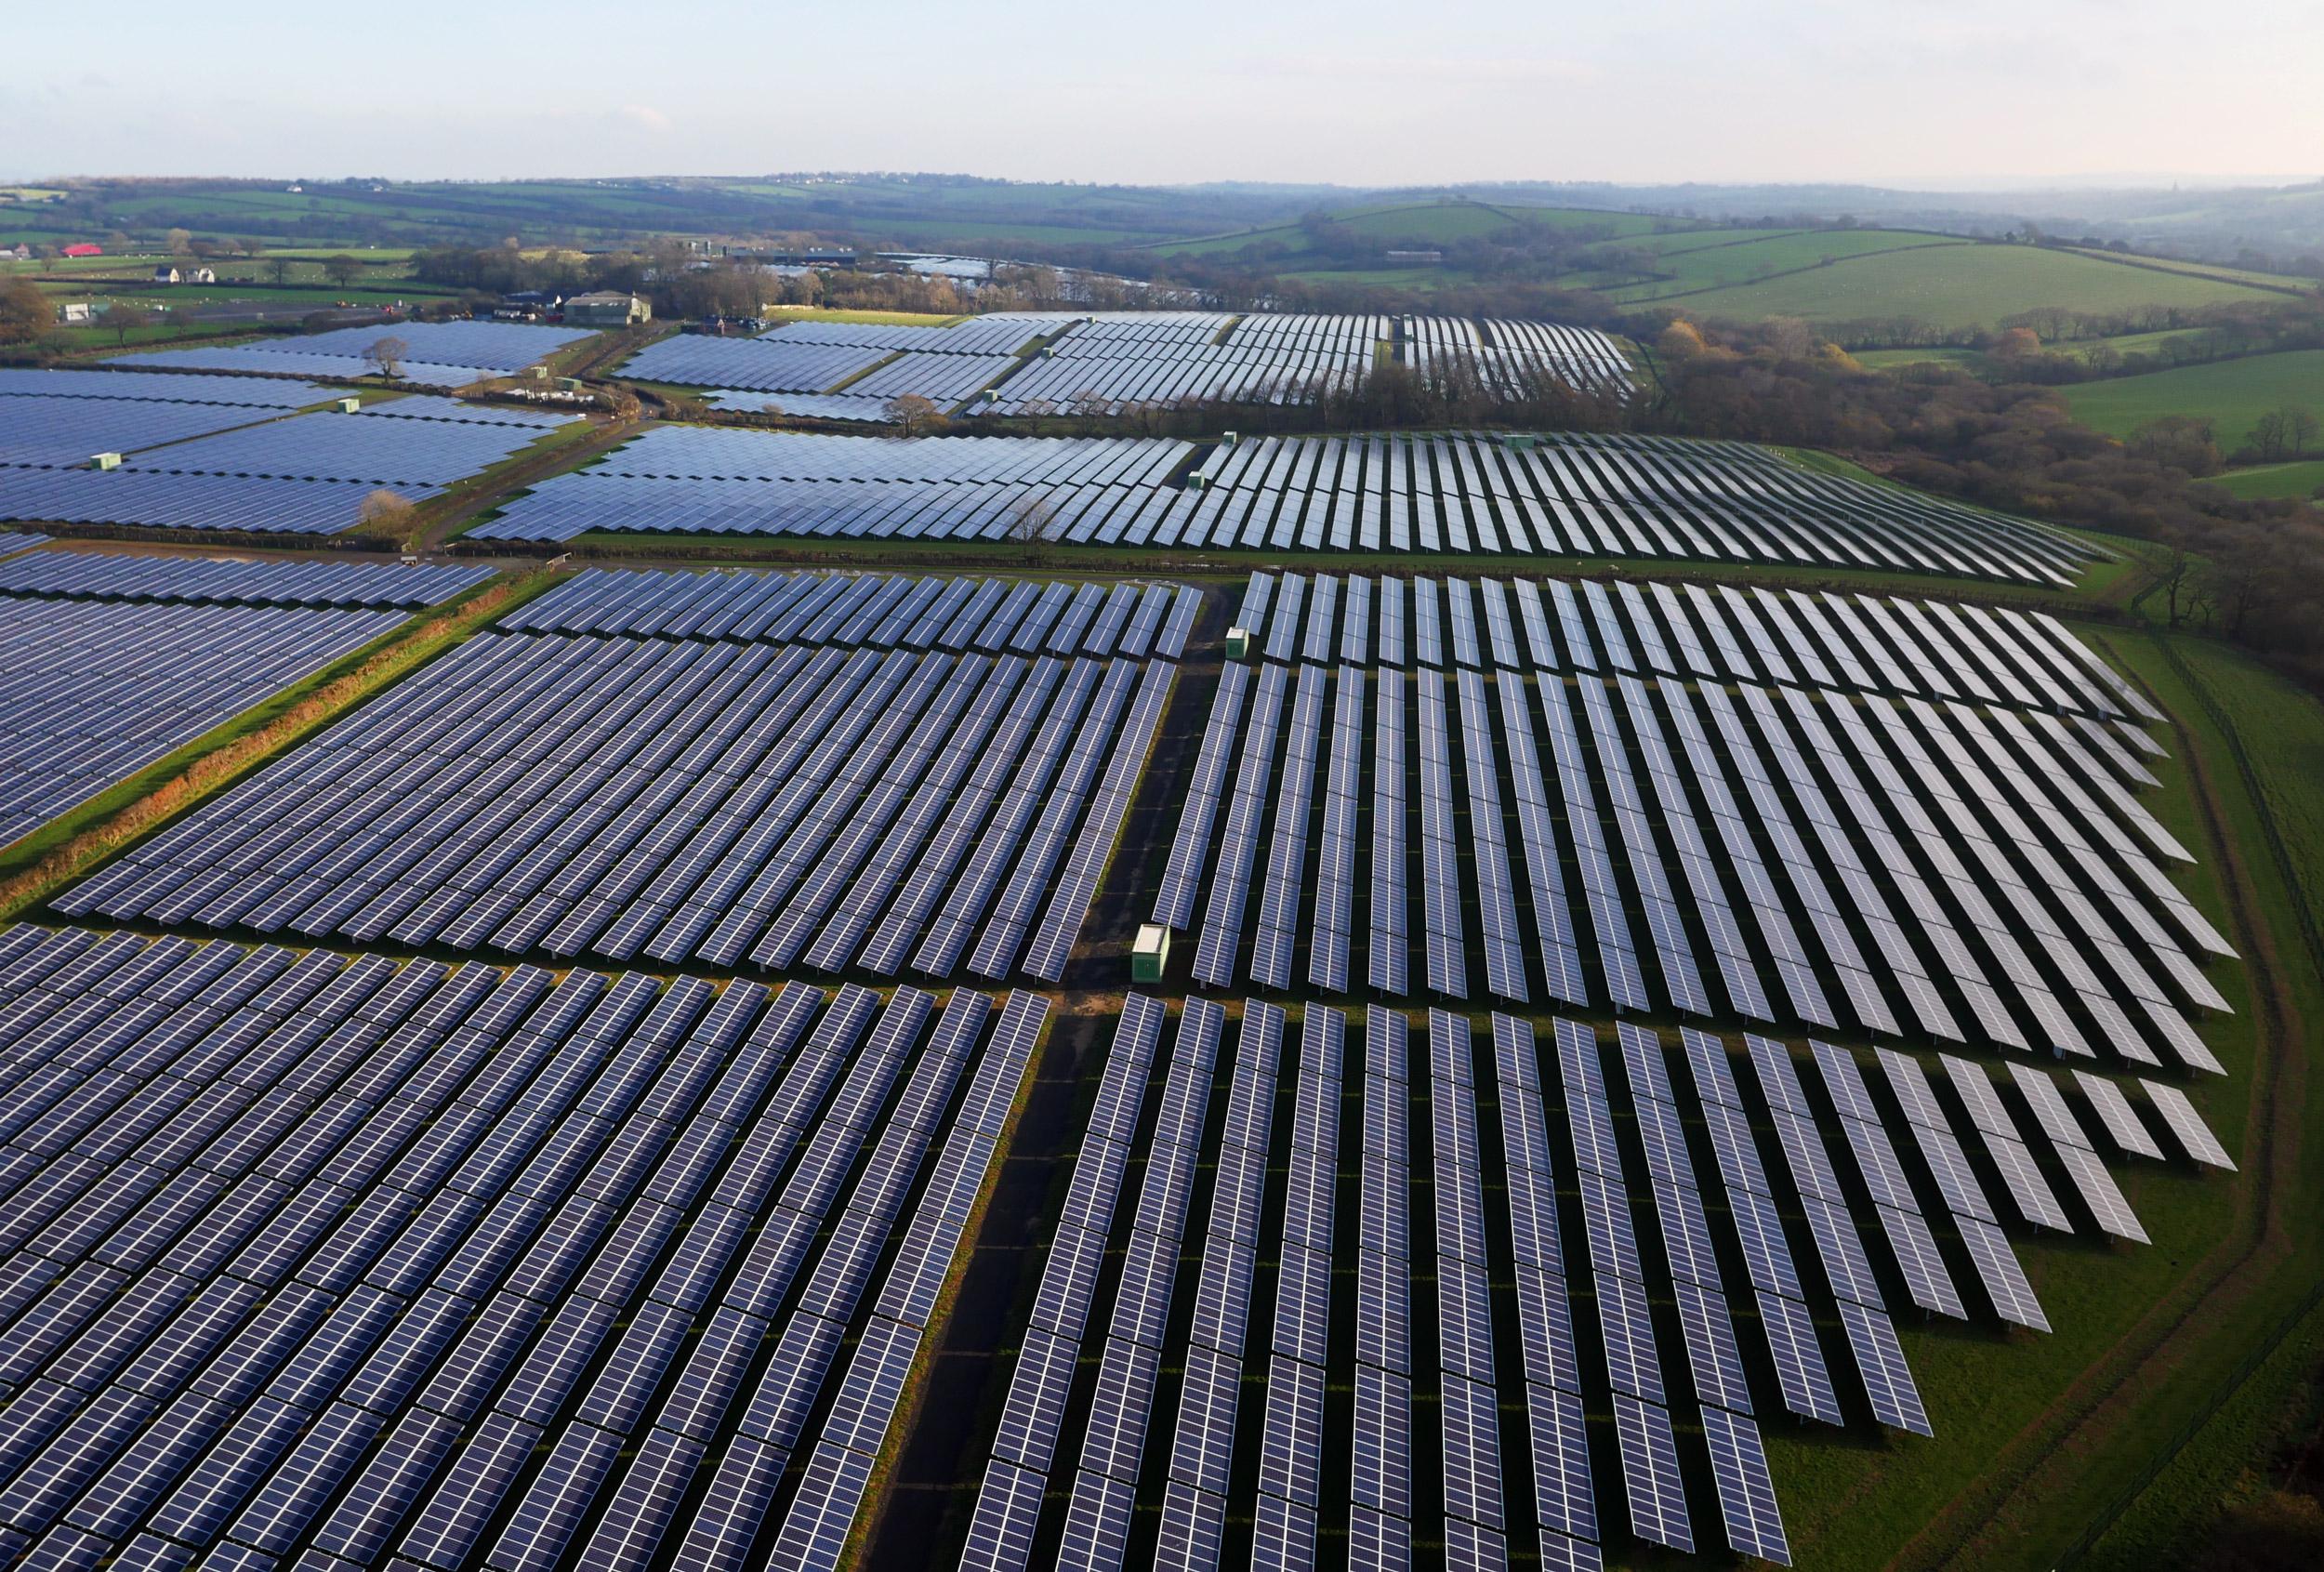 Crundale Solar Farm